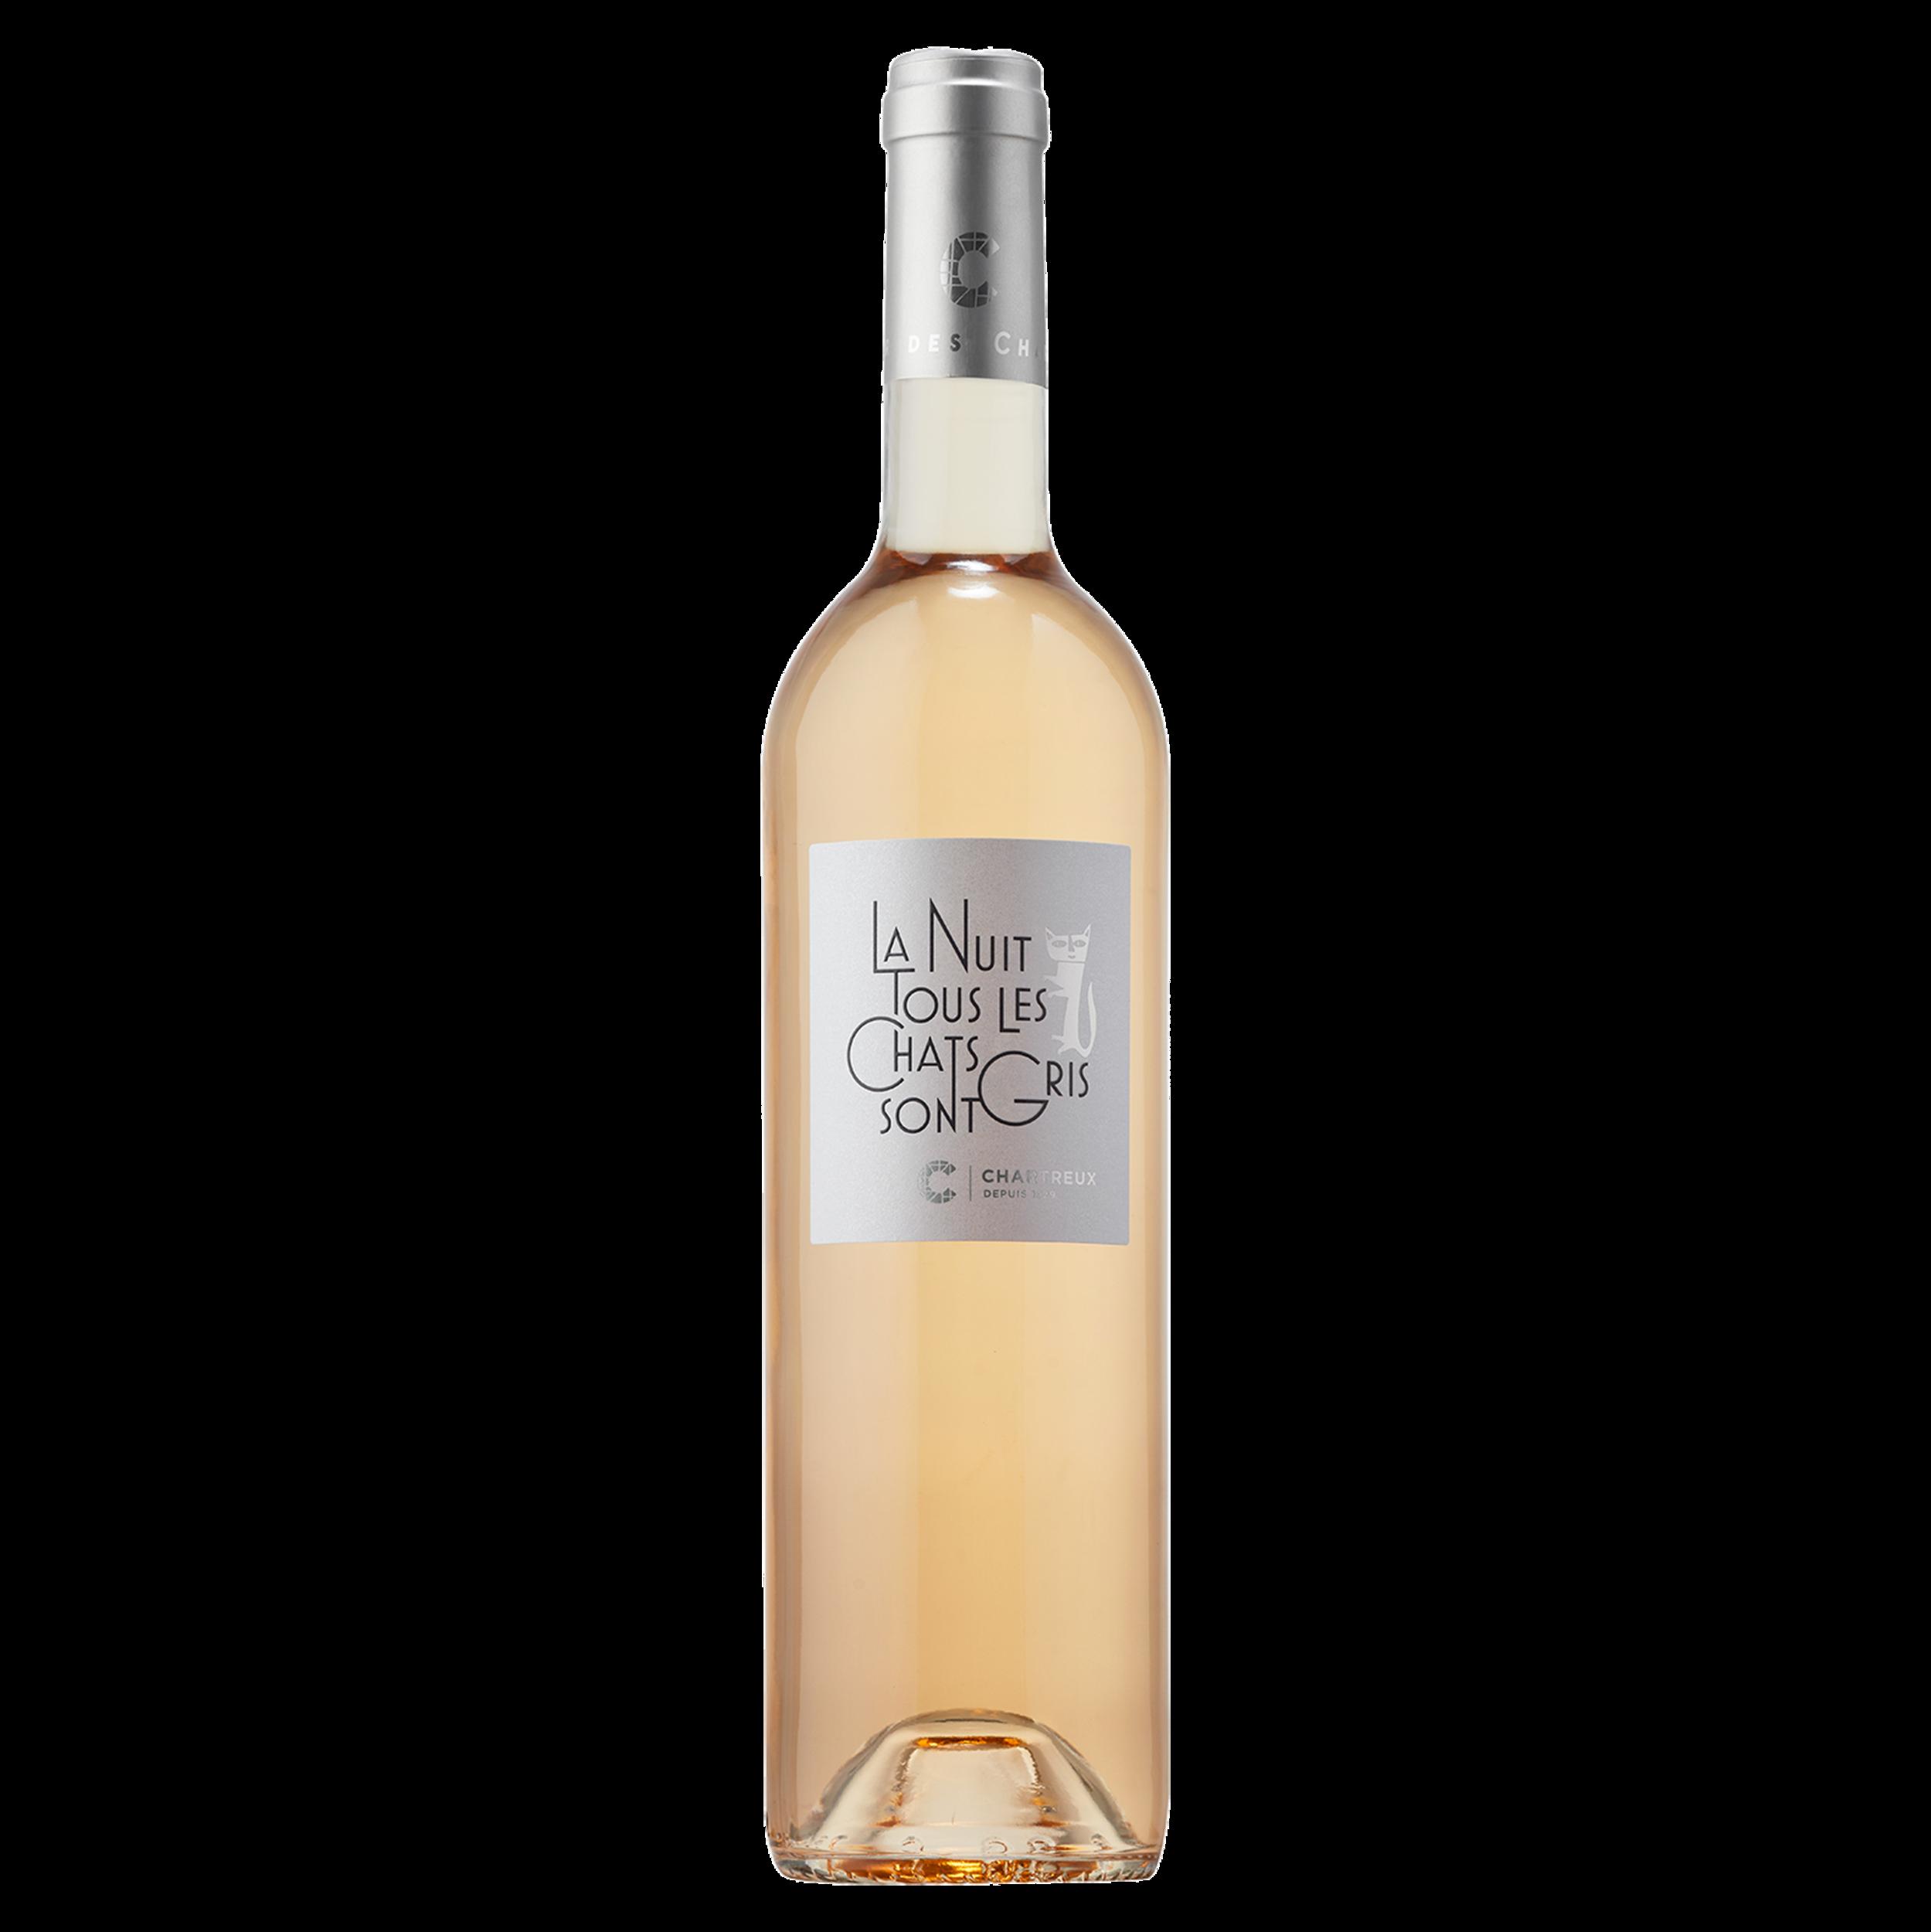 Vin de Pays - La Nuit Tous Les Chats Sont Gris - Domaine Cellier des Chartreux - 2019